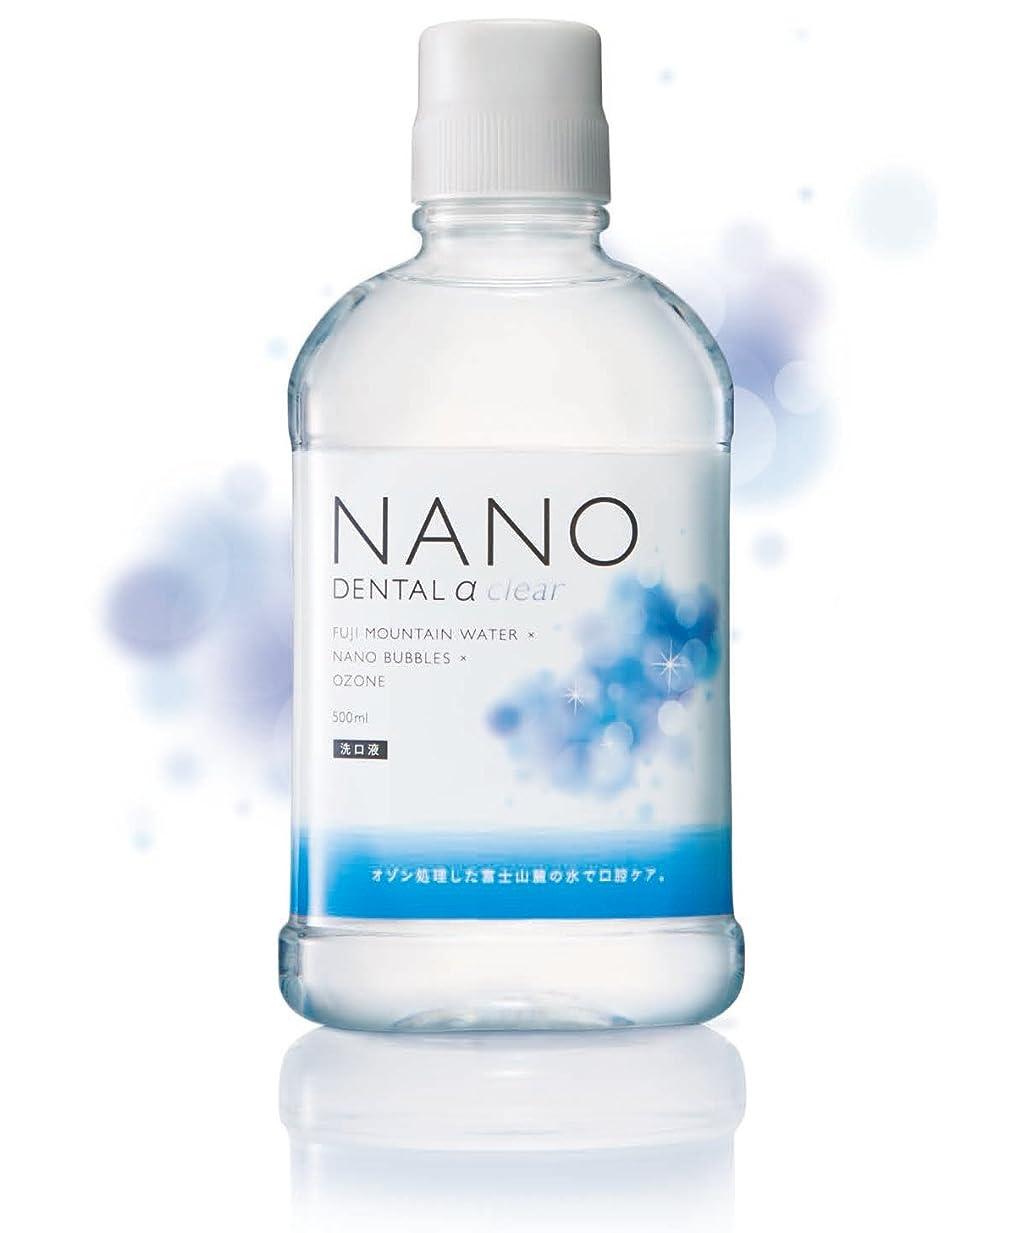 食用学校教育厚い無添加! ナノデンタルアルファ クリア NANODENTALα Clear 500mL オゾンナノバブルで歯周病?口臭予防